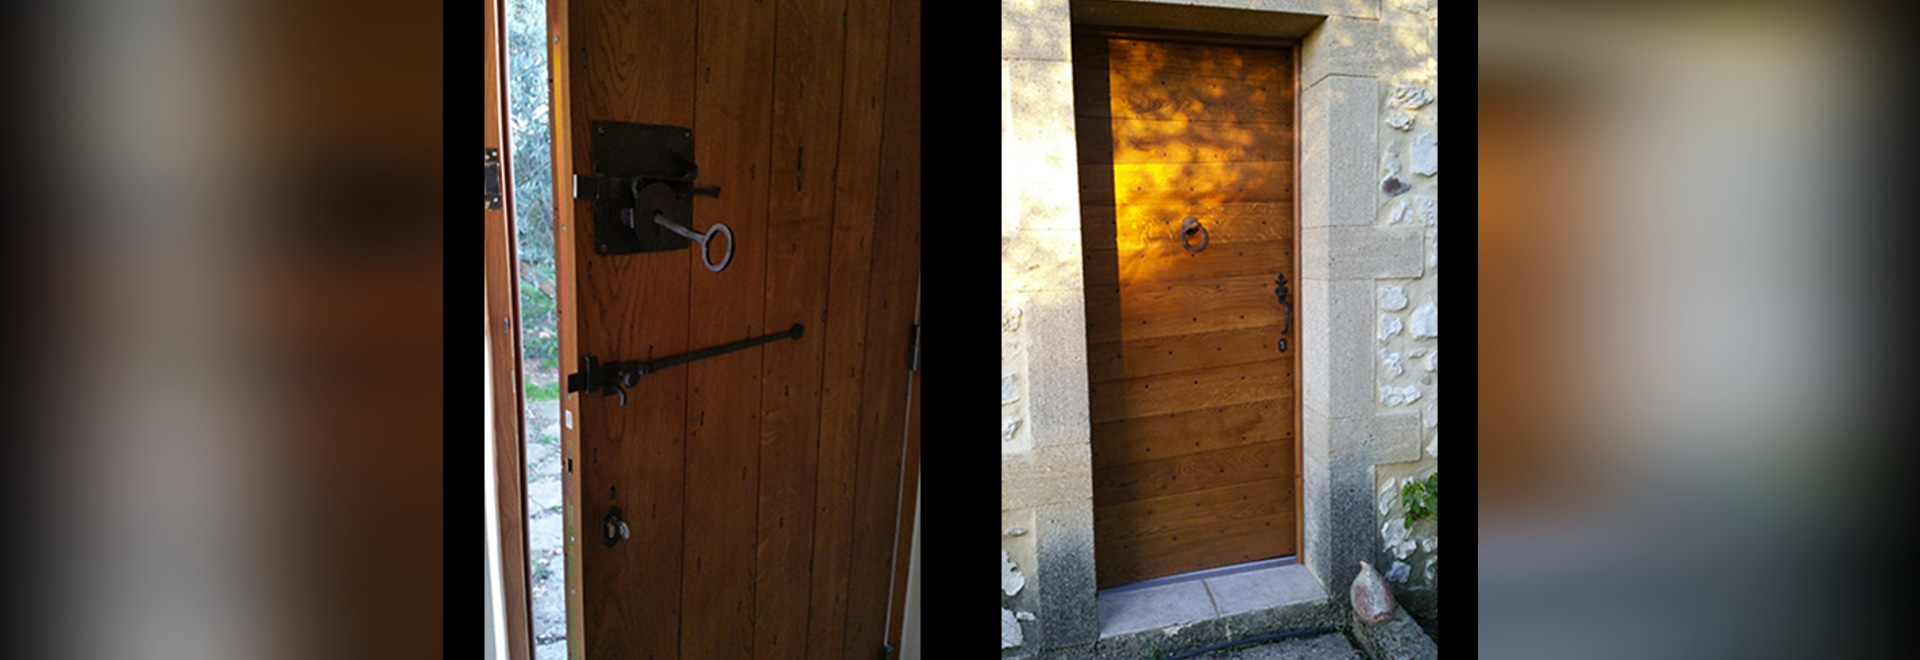 Una semplice porta che ha fascino ...